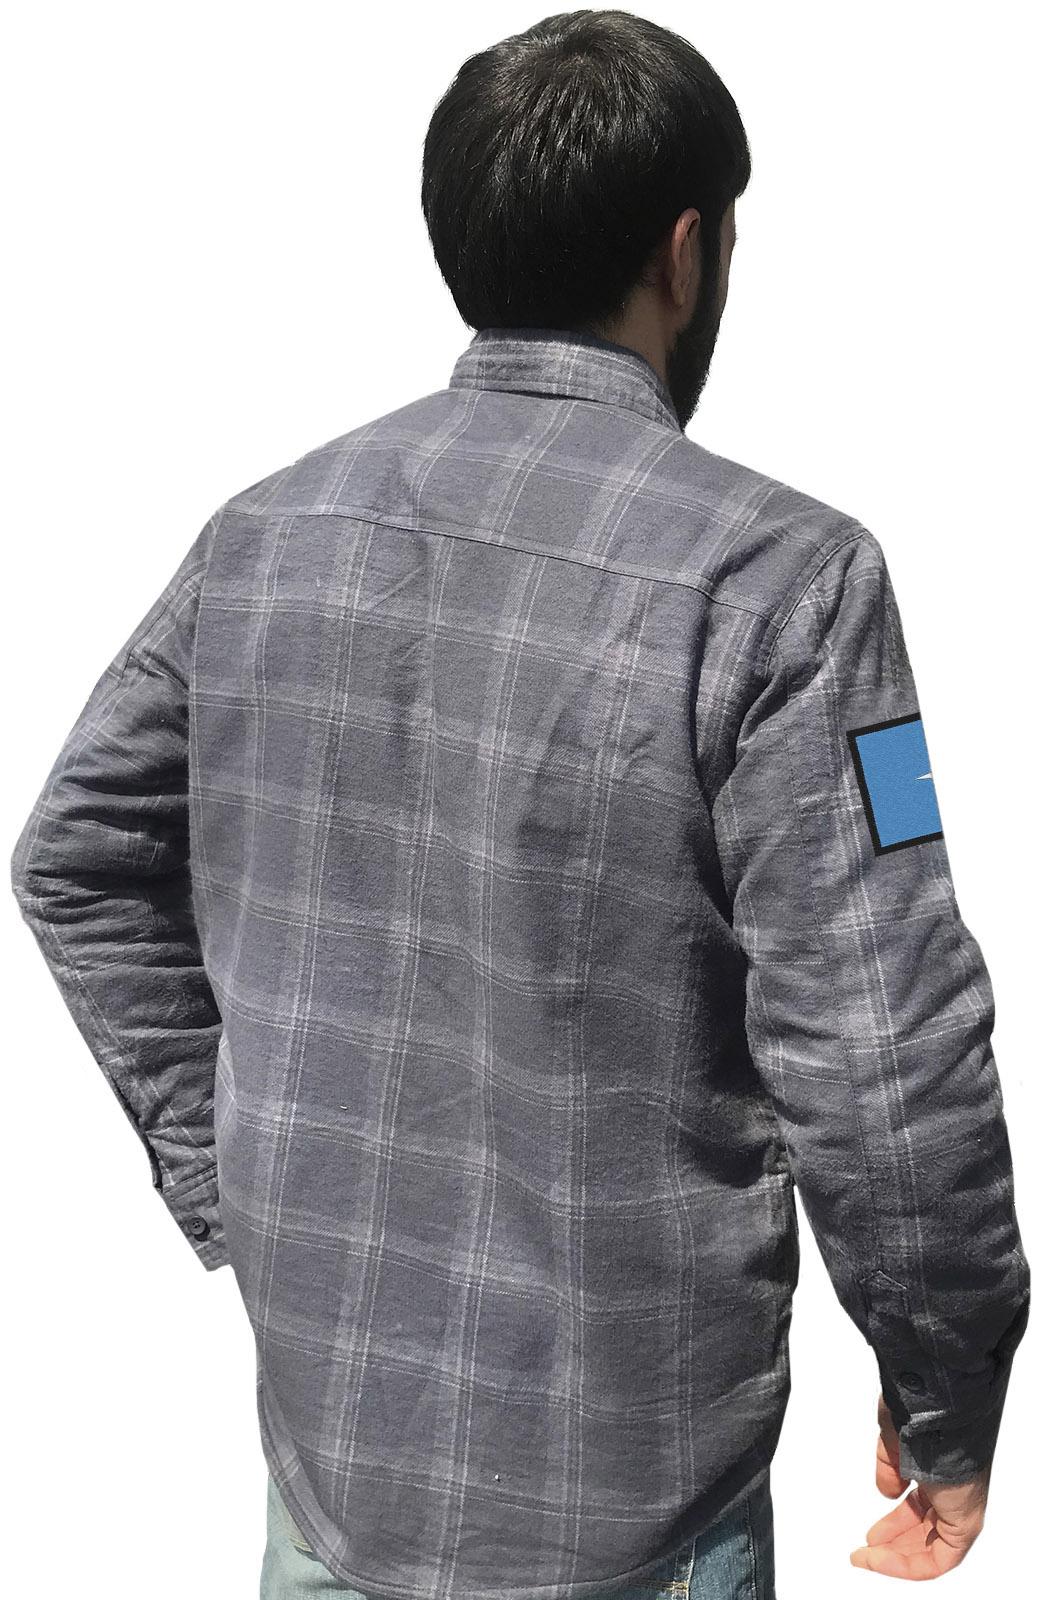 Купить строгую рубашку с вышитым шевроном МЧС России оптом или в розницу